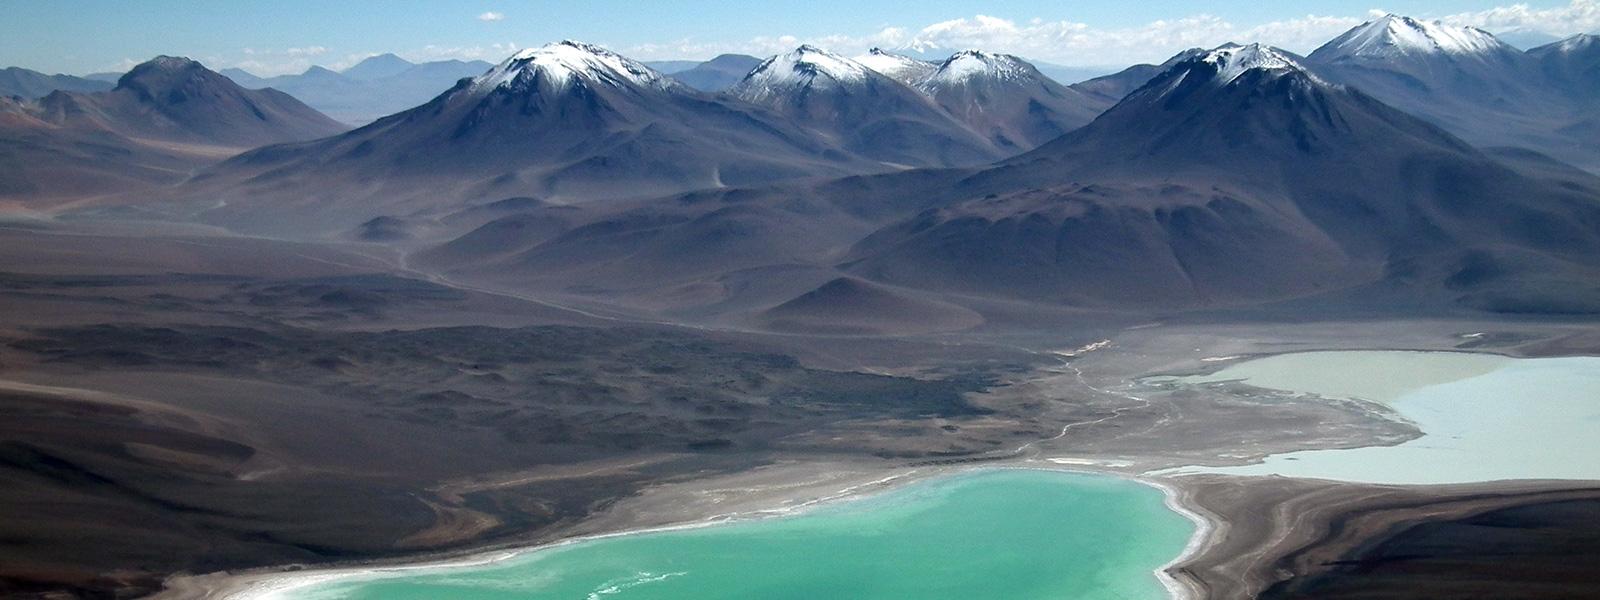 laguna verde depuis volcan Licancabur, sud lipez, bolivie